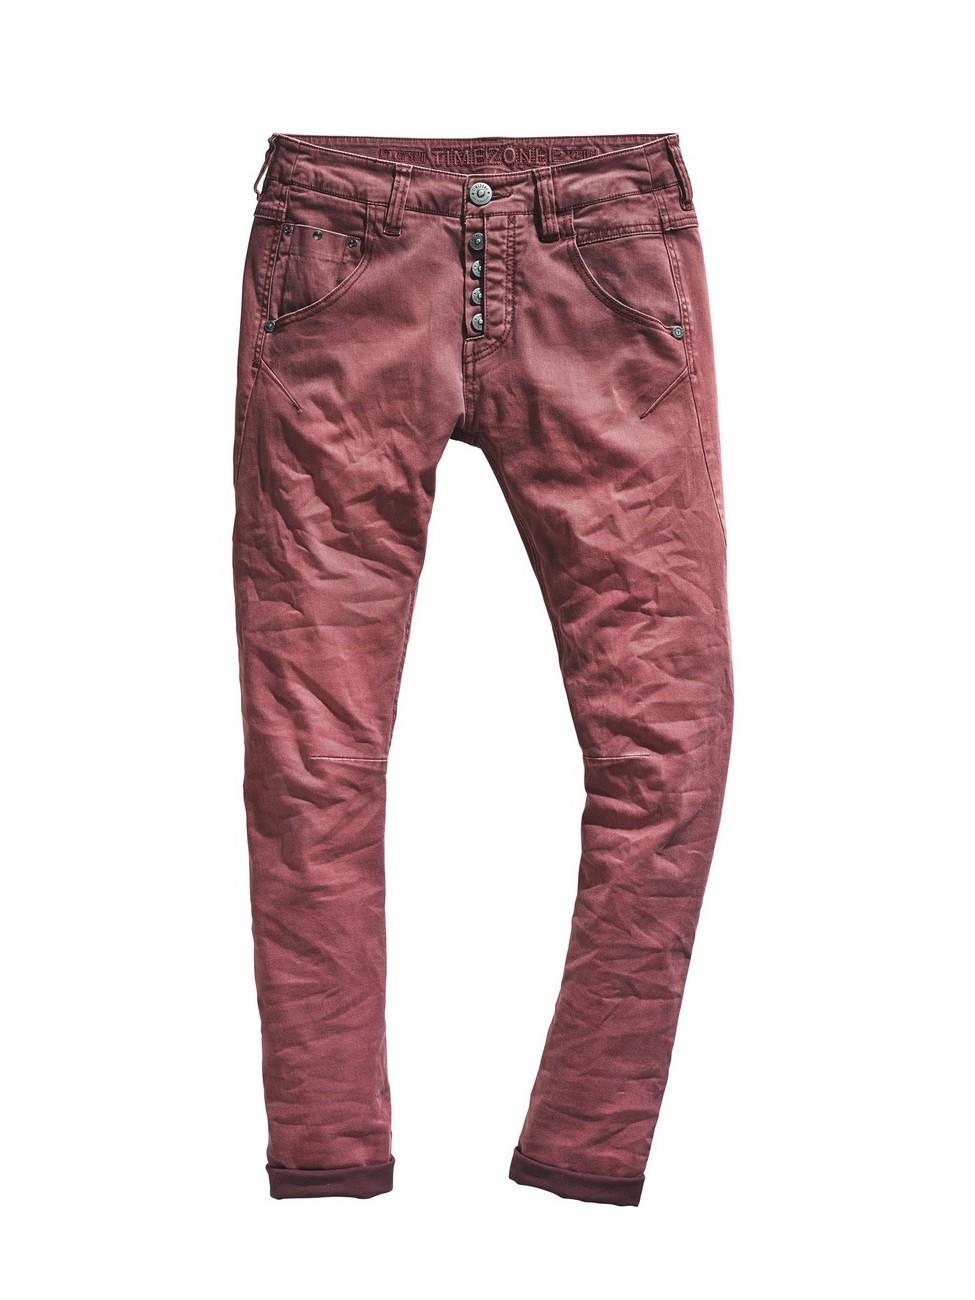 timezone damen hose rivatz slim fit rot riot red kaufen jeans direct de. Black Bedroom Furniture Sets. Home Design Ideas